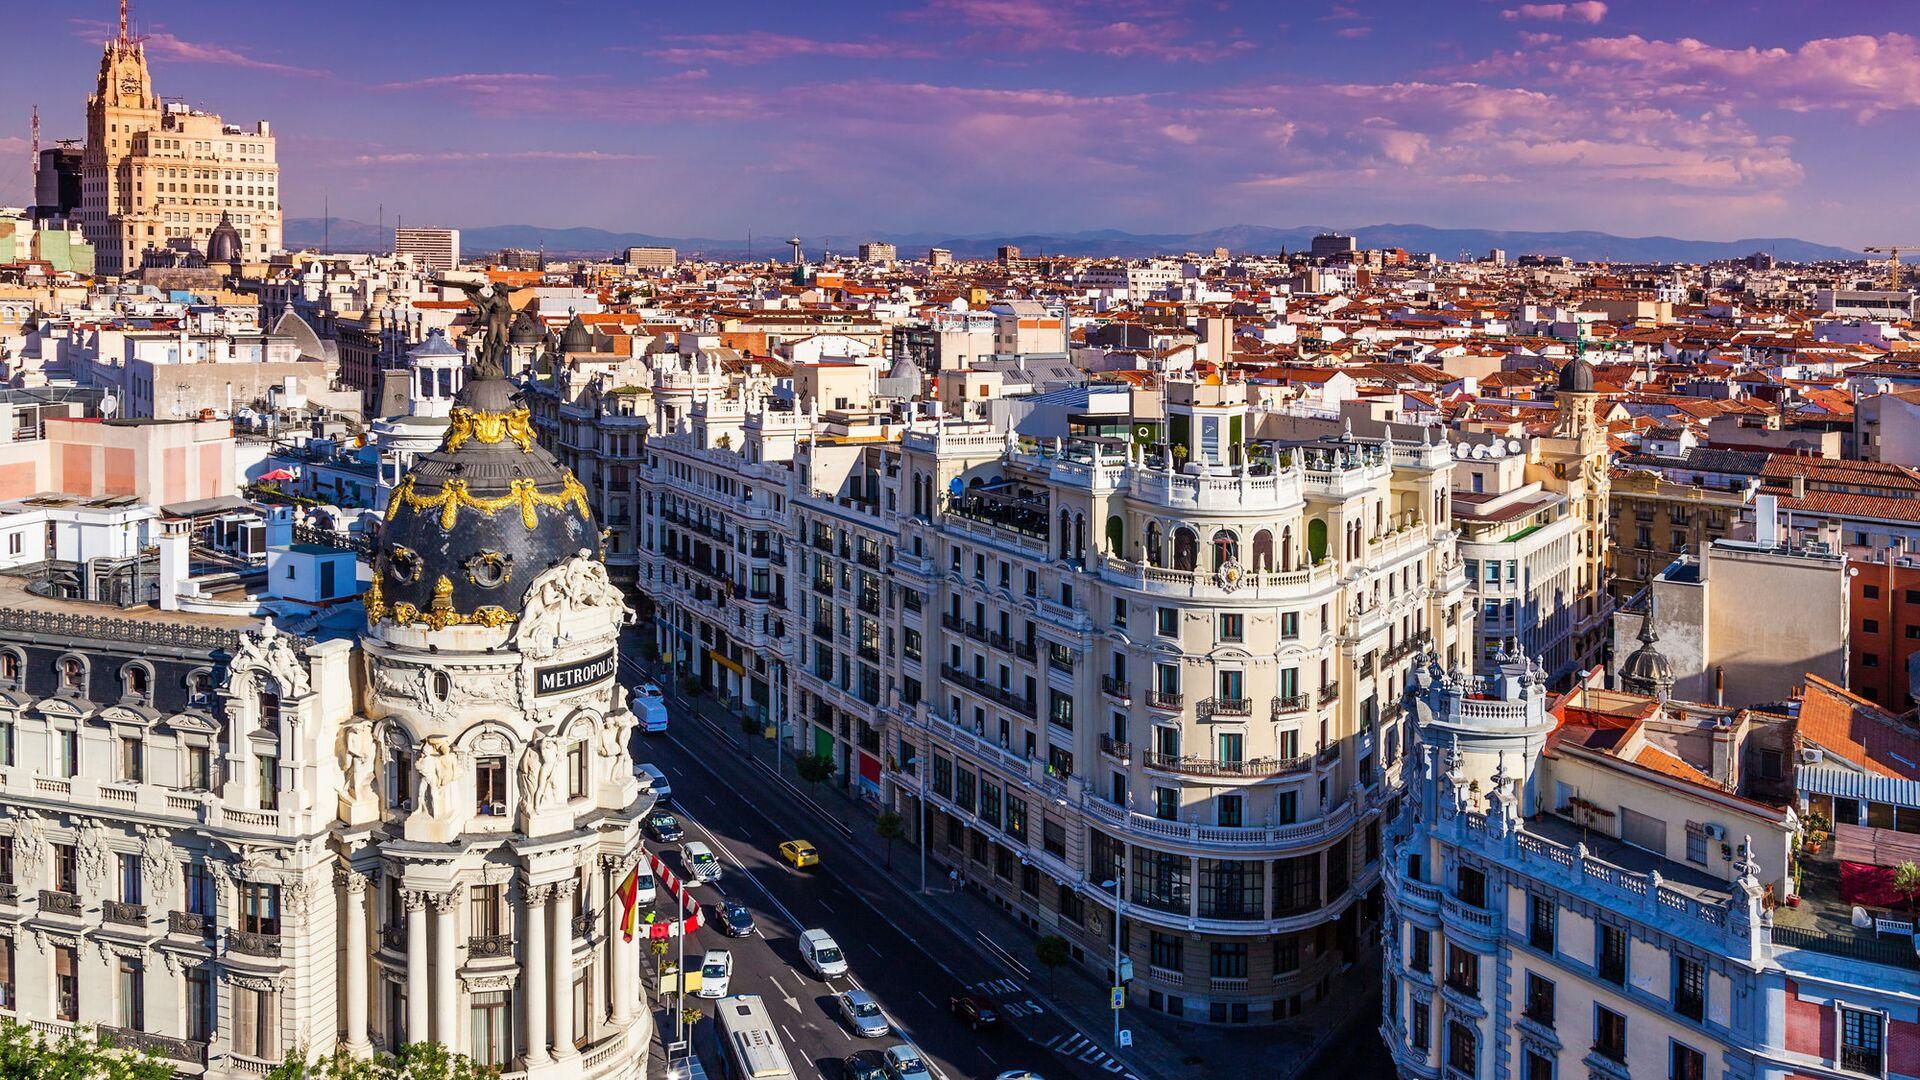 Мадрид, Испания - РИА Новости, 1920, 15.09.2021